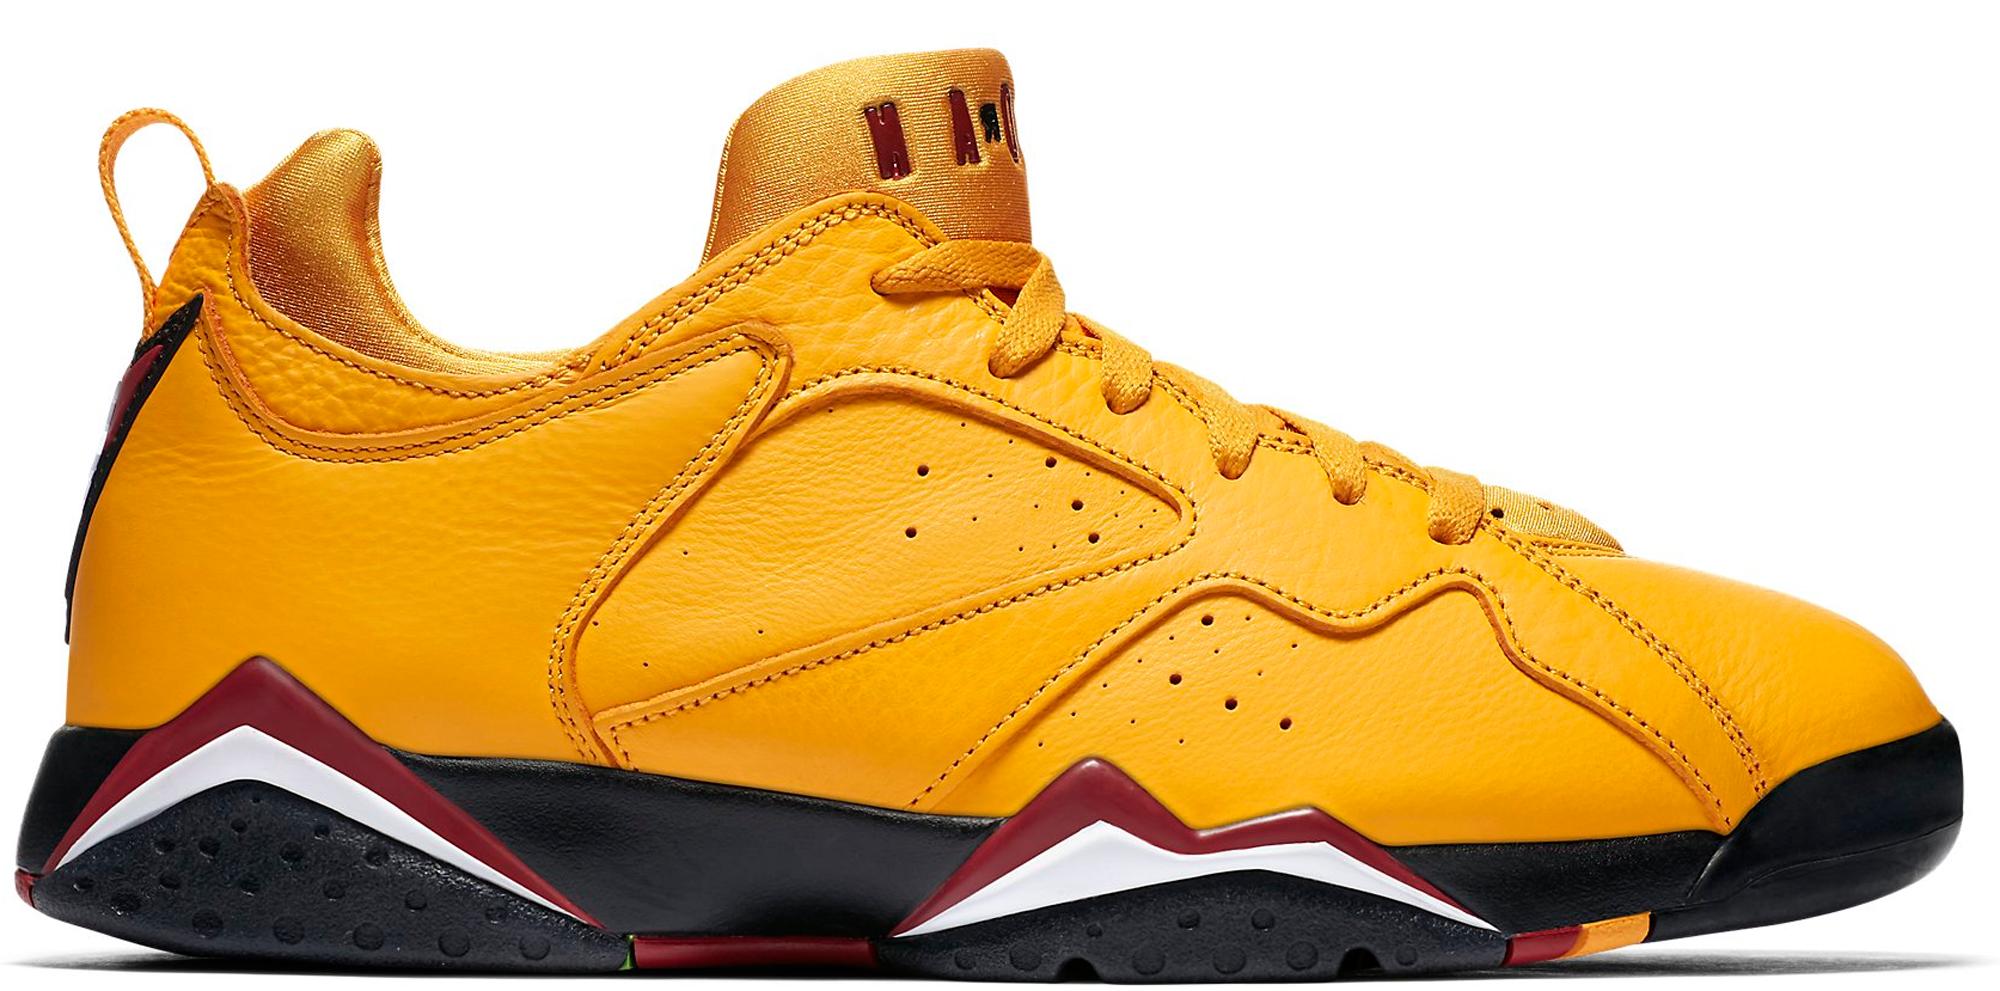 940a2ffcf8e7 ... ebay buy air jordan 7 shoes deadstock sneakers 06758 0981c